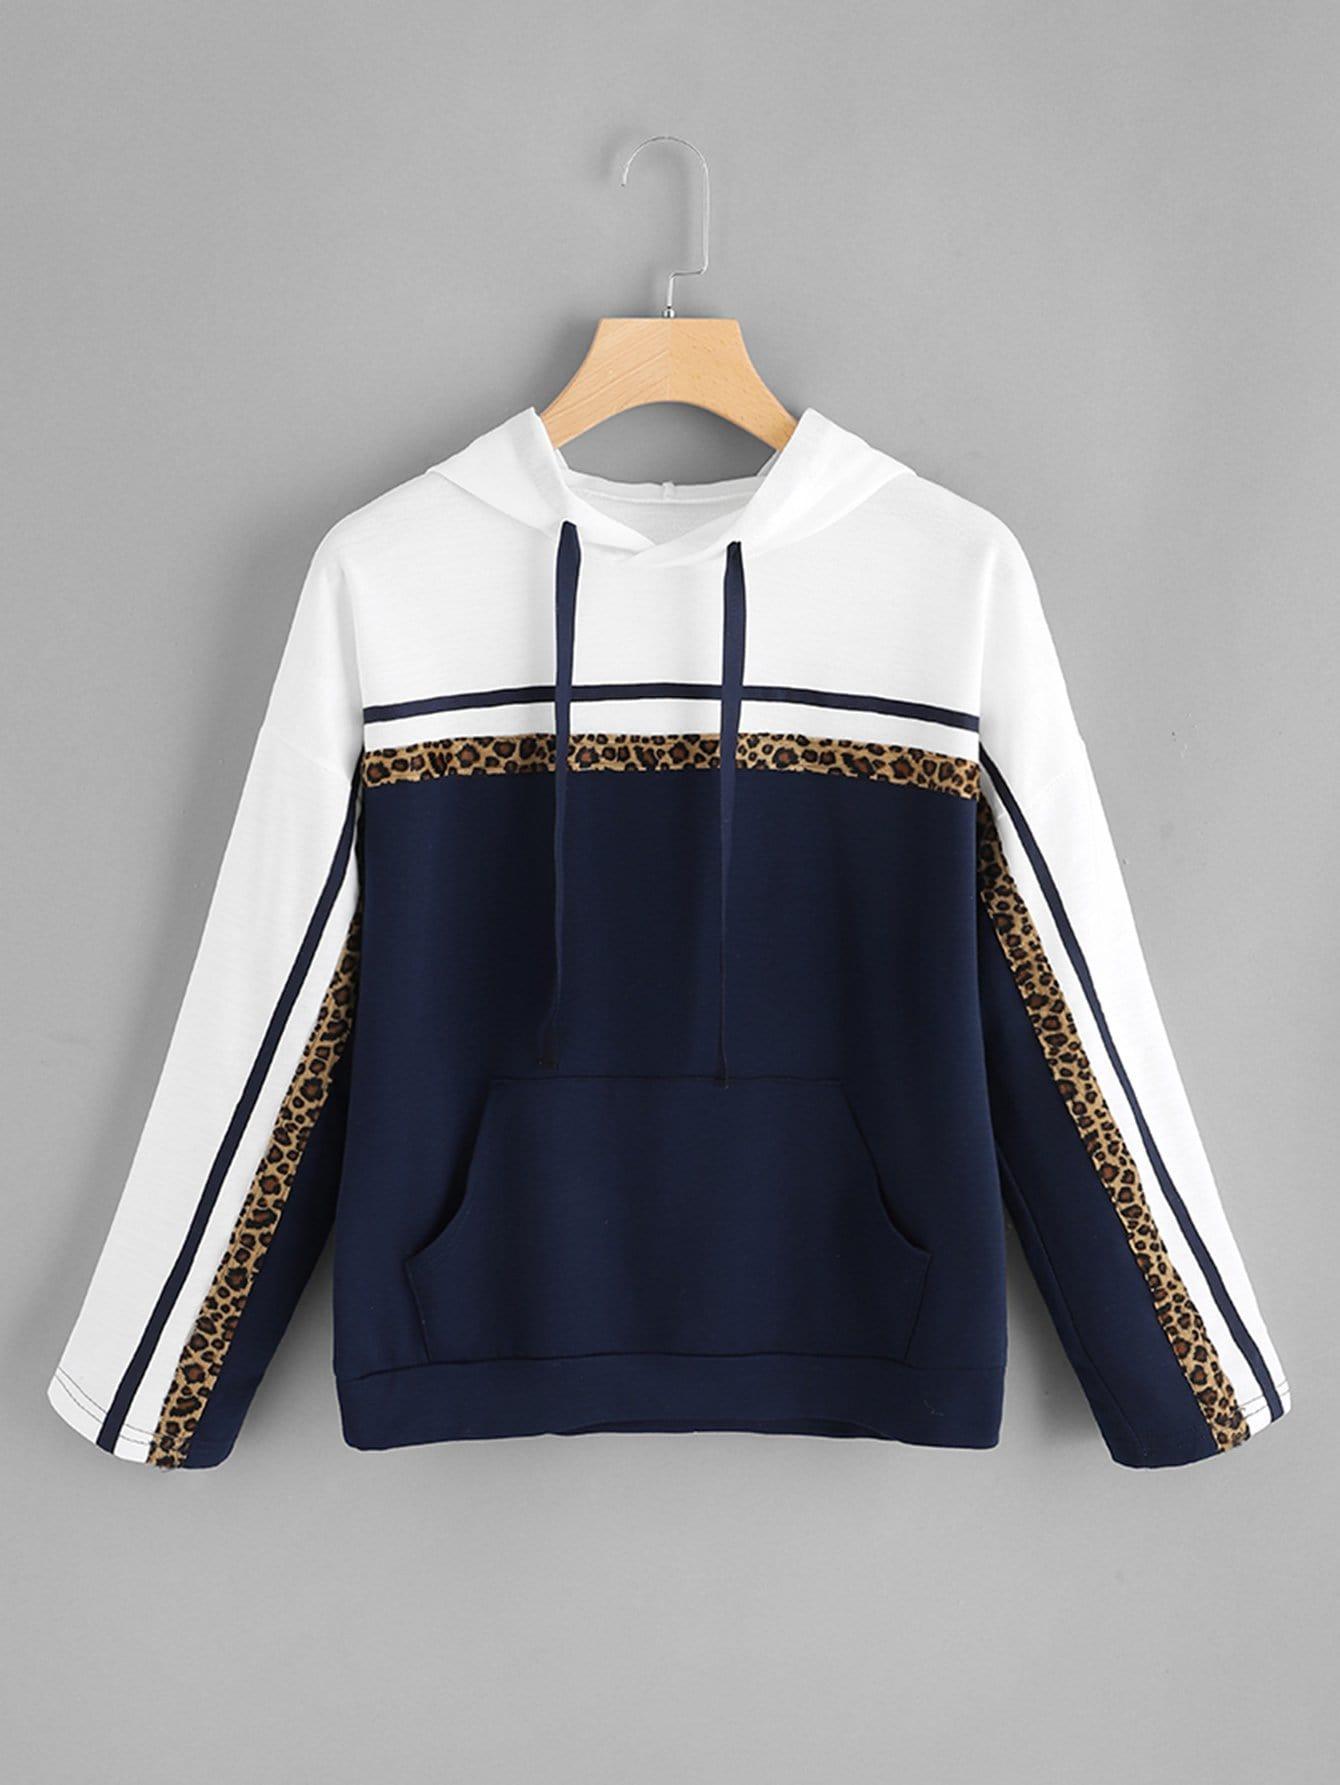 Купить Повседневный Леопард на кулиске Пуловеры Темно синий Свитшоты, null, SheIn